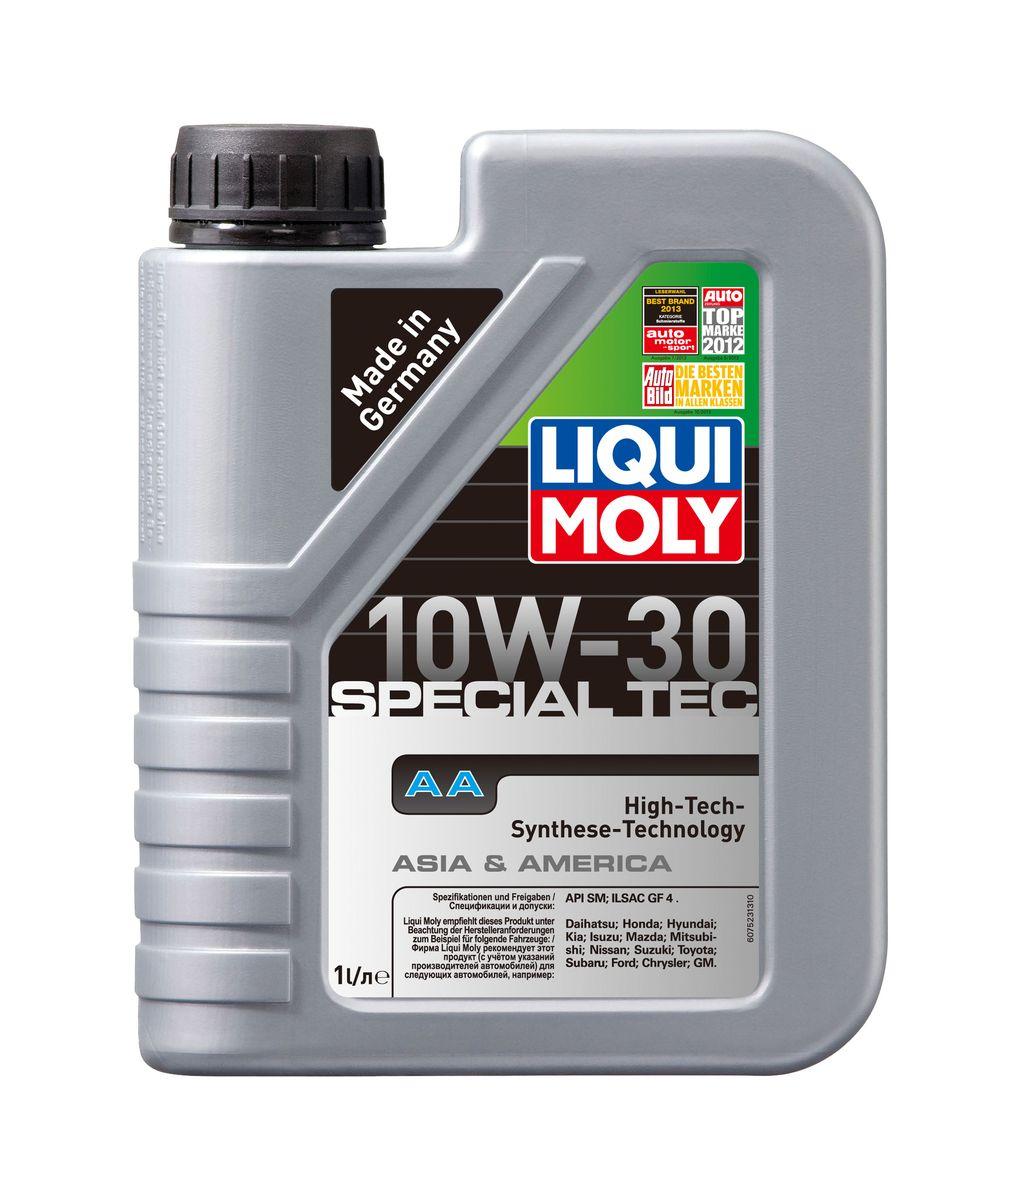 Масло моторное Liqui Moly Special Tec AA, НС-синтетическое, 10W-30, 1 л7523Масло моторное Liqui Moly Special Tec AA рекомендуется для автомобилей Honda, Mazda, Mitsubishi, Nissan, Daihatsu, Hyundai, Kia, Isuzu, Suzuki, Toyota, Subaru, Ford, Chrysler, GM. Современное HC-синтетическое энергосберегающее моторное масло специально предназначено для всесезонного использования в большинстве двигателей современных американских и азиатских бензиновых автомобилей. Также подходит для двигателей предыдущих поколений автомобилей. Базовые масла, полученные по технологии синтеза, и новейшие присадки составляют рецептуру моторного масла с отменной защитой от износа, снижающего расход топлива и масла, обеспечивающего чистоту двигателя. Особенности: - Высочайшие показатели топливной экономии - Сокращает эмиссию выхлопных газов - Отличная чистота двигателя - Совместимо с новейшими системами нейтрализации отработавших газов бензиновых двигателей - Высокая защита от износа и надежность смазывания - Очень...